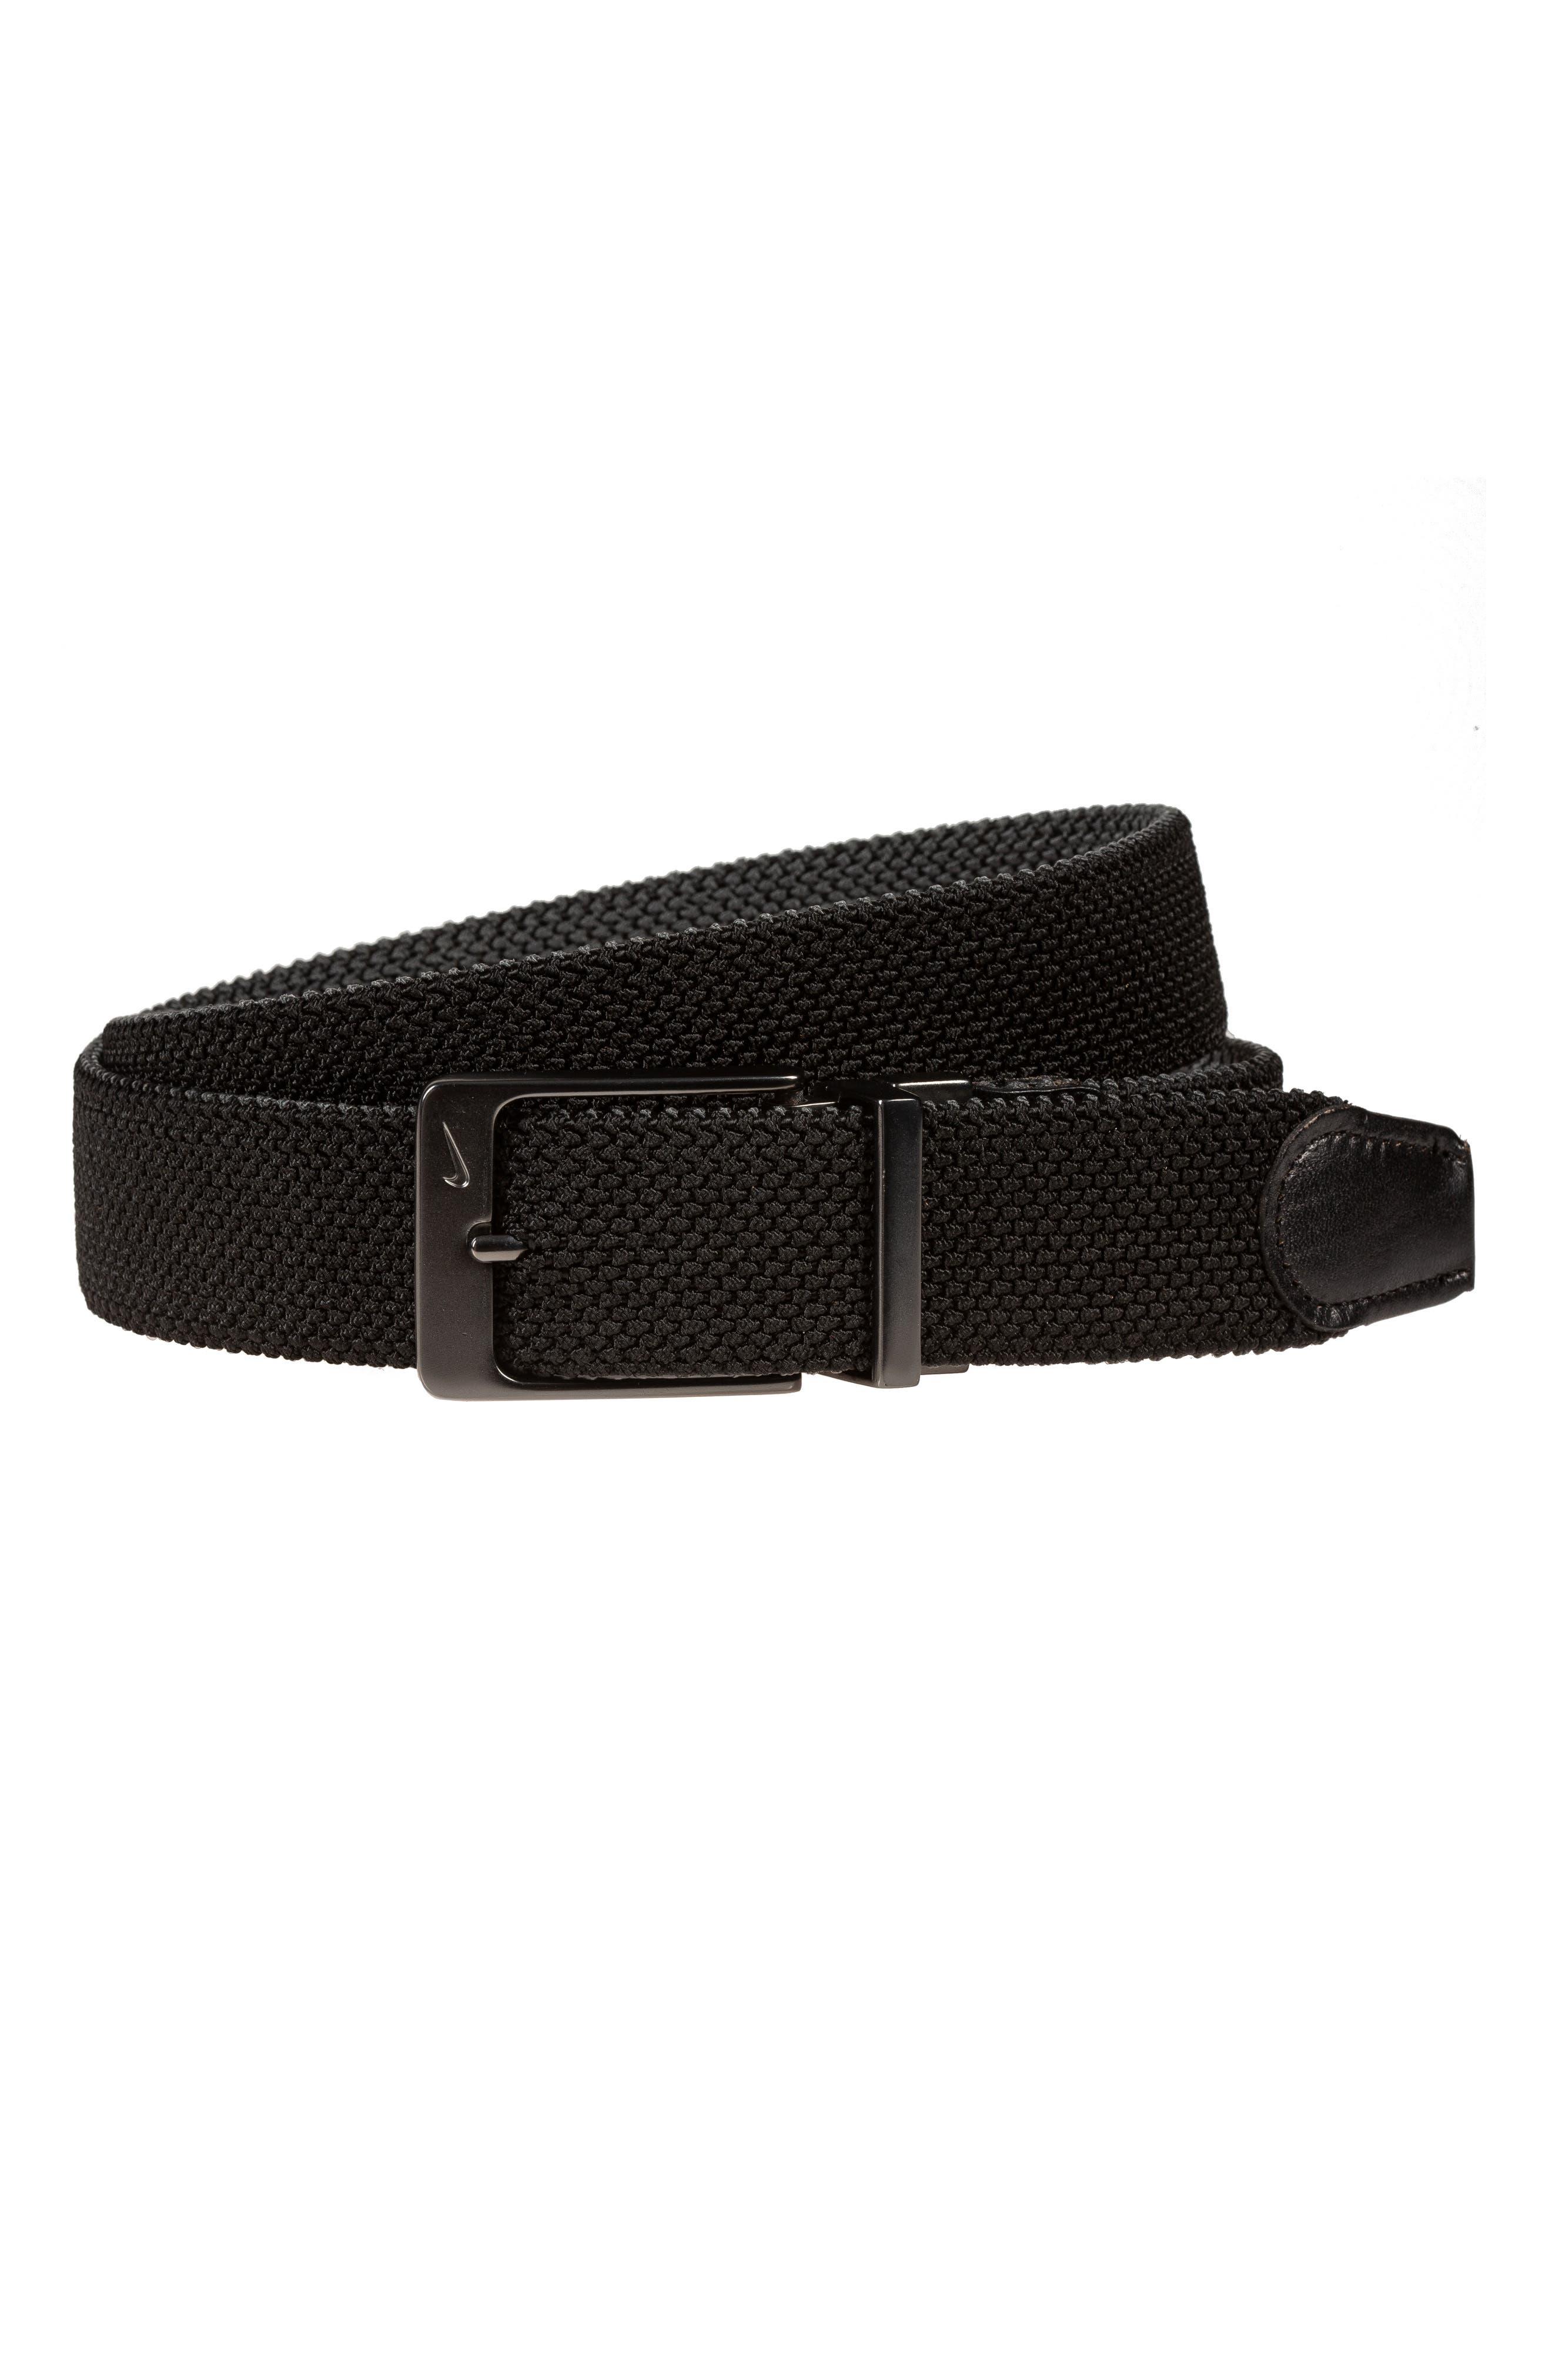 Nike Reversible G-Flex Woven Belt, Blackdark